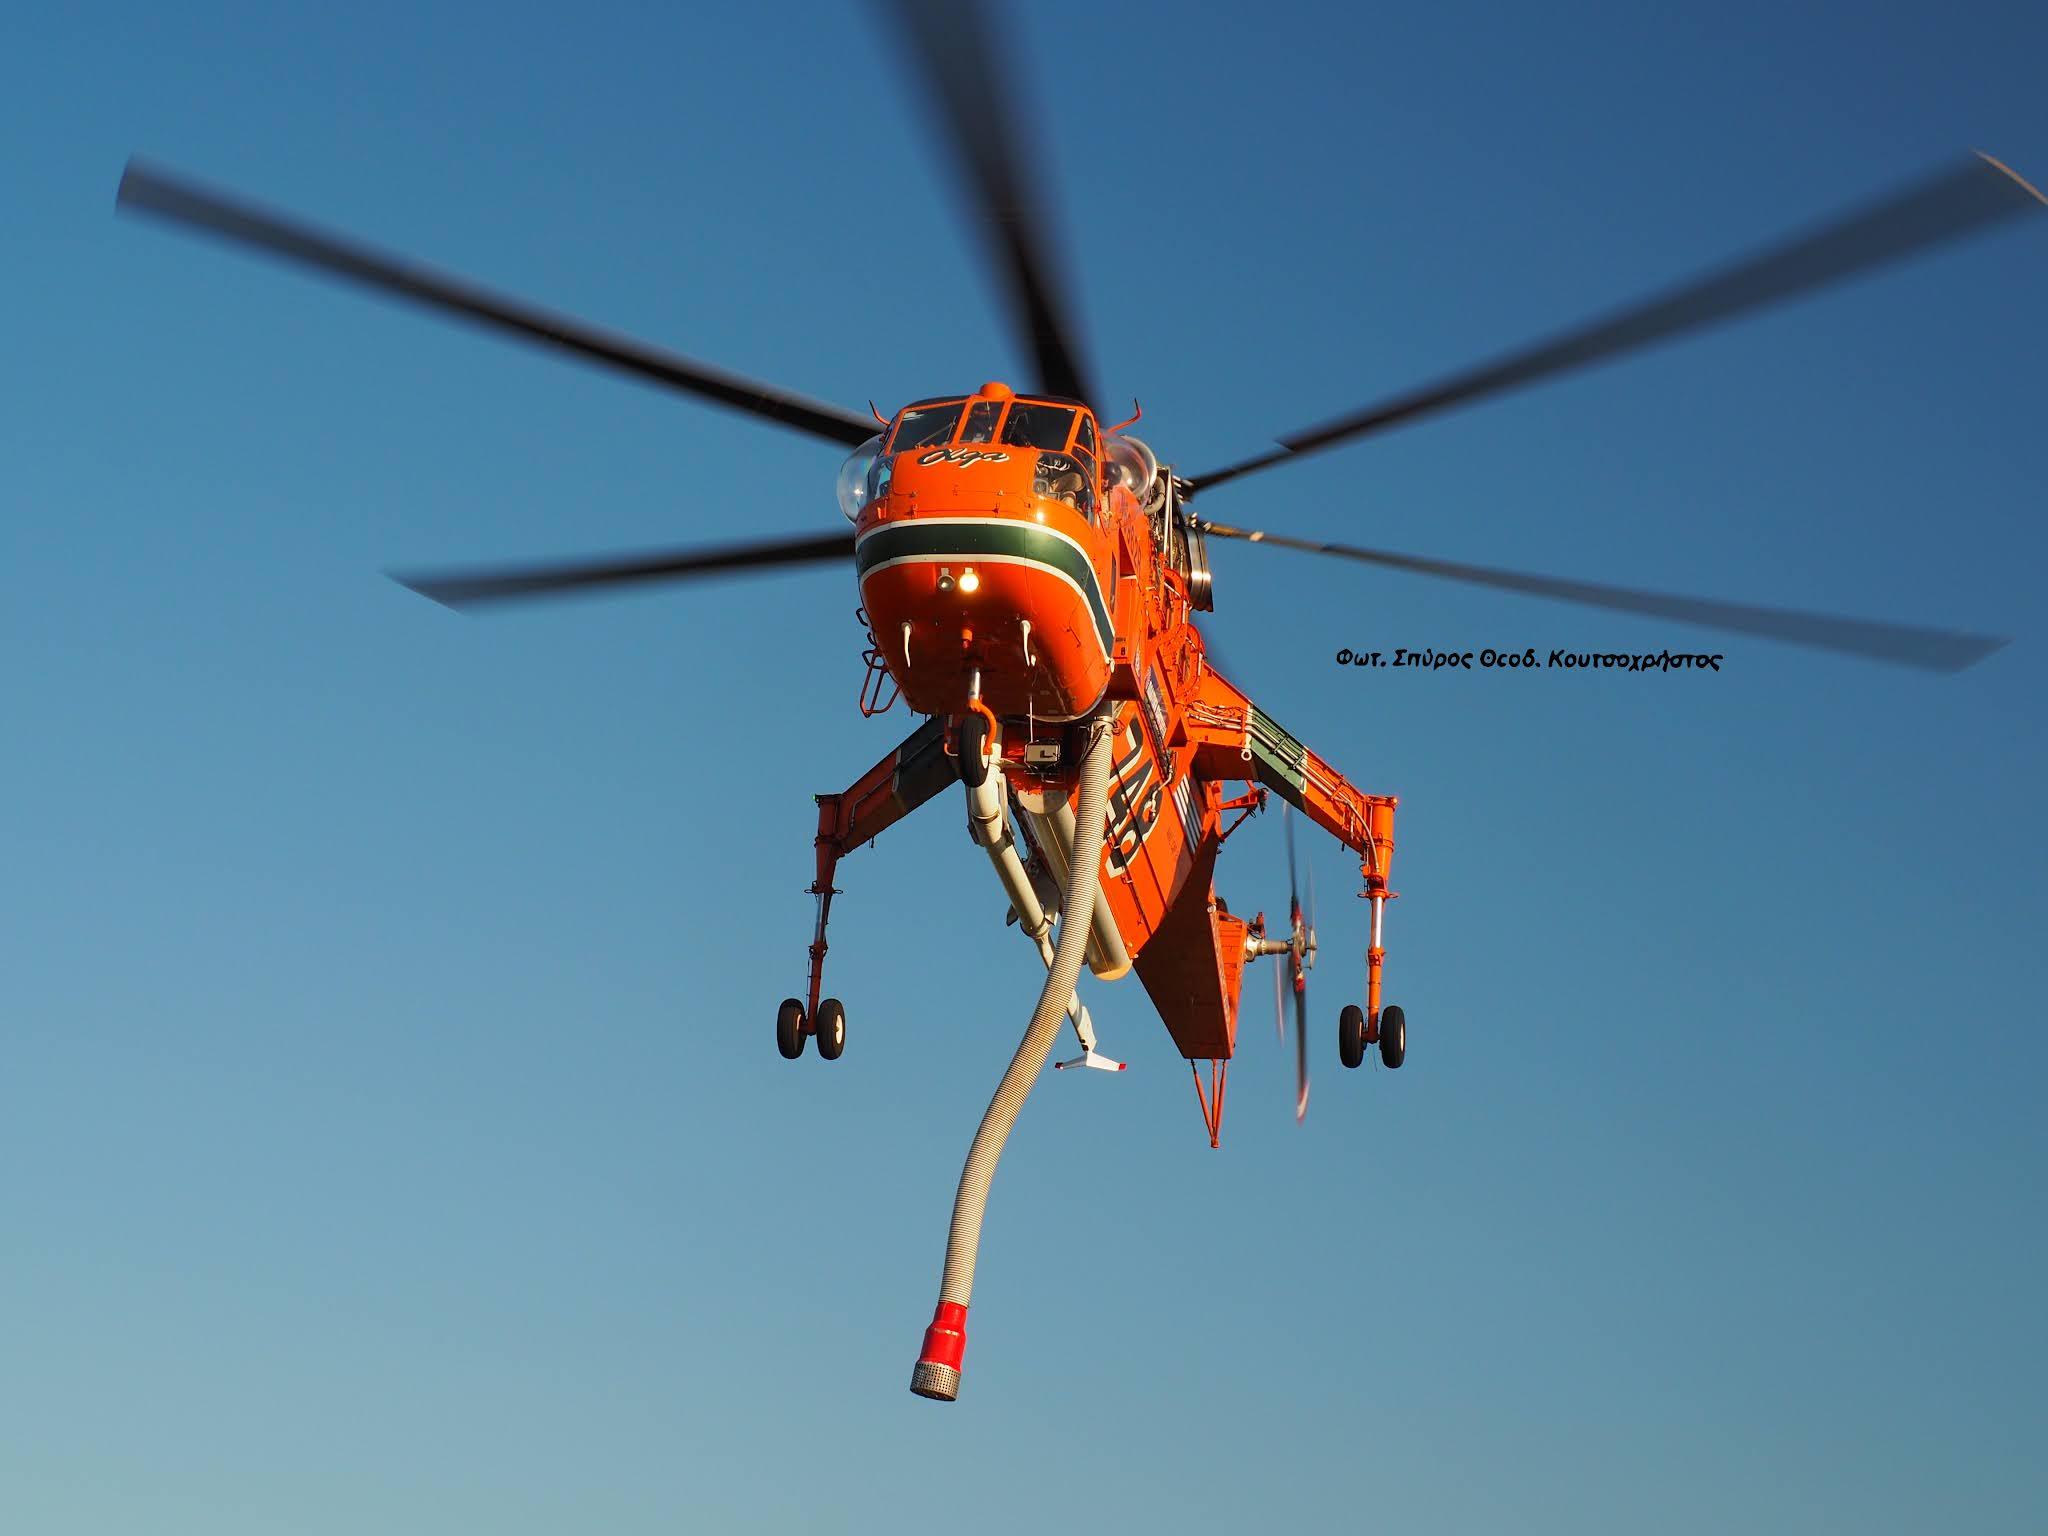 Καθοριστική η συμμετοχή του Πυροσβεστικού Ελικοπτέρου Erickson S-64 στην πυρκαγιά του Αγίου Όρους (Φωτο)